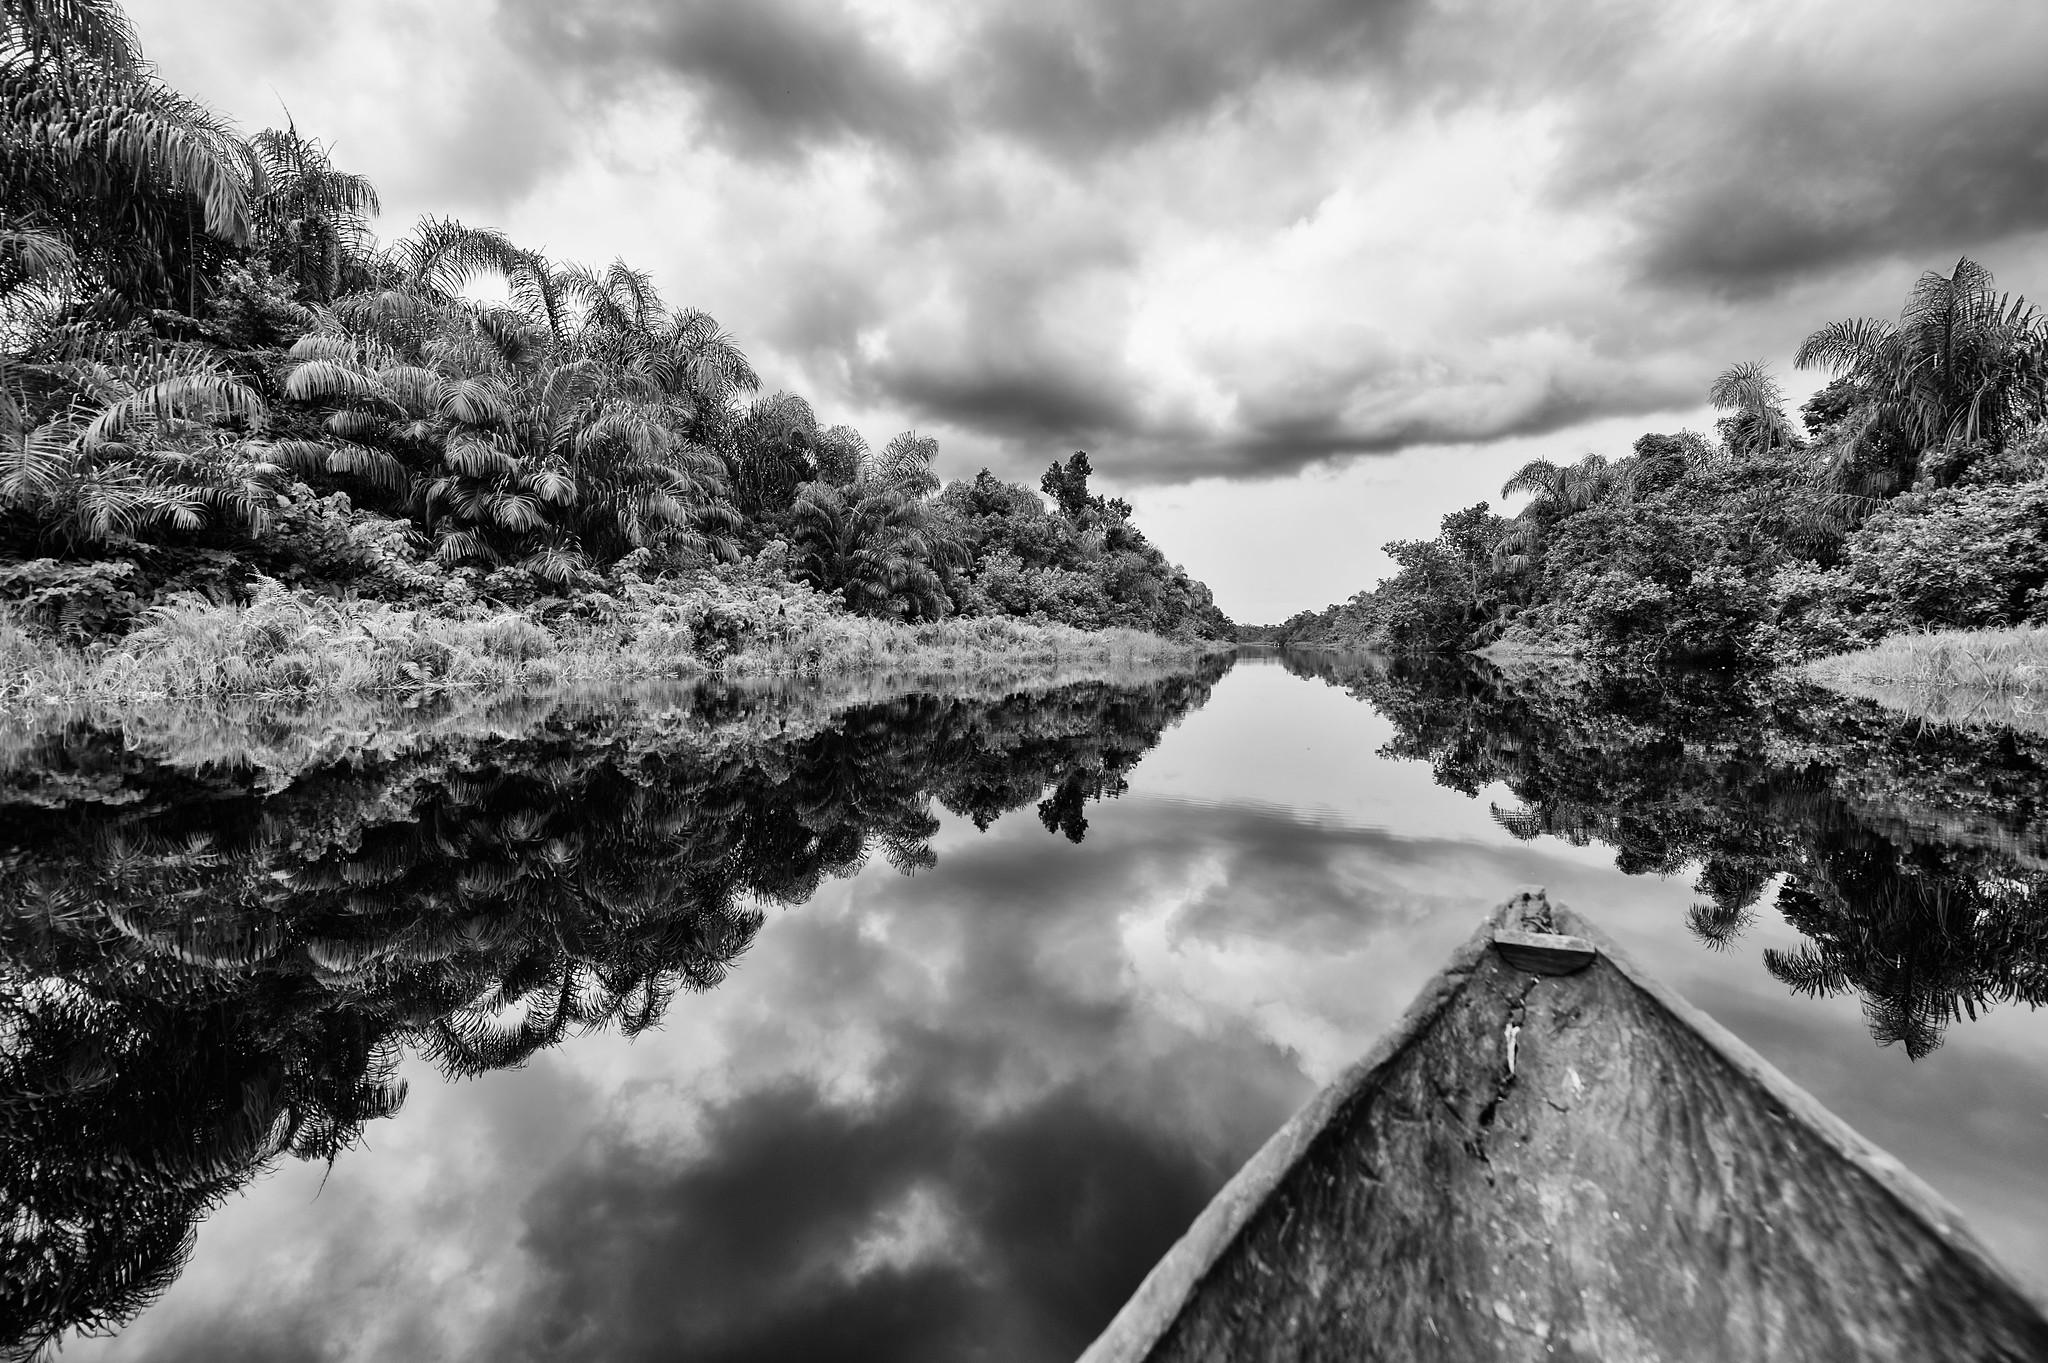 Lekki Lagoon Waterway